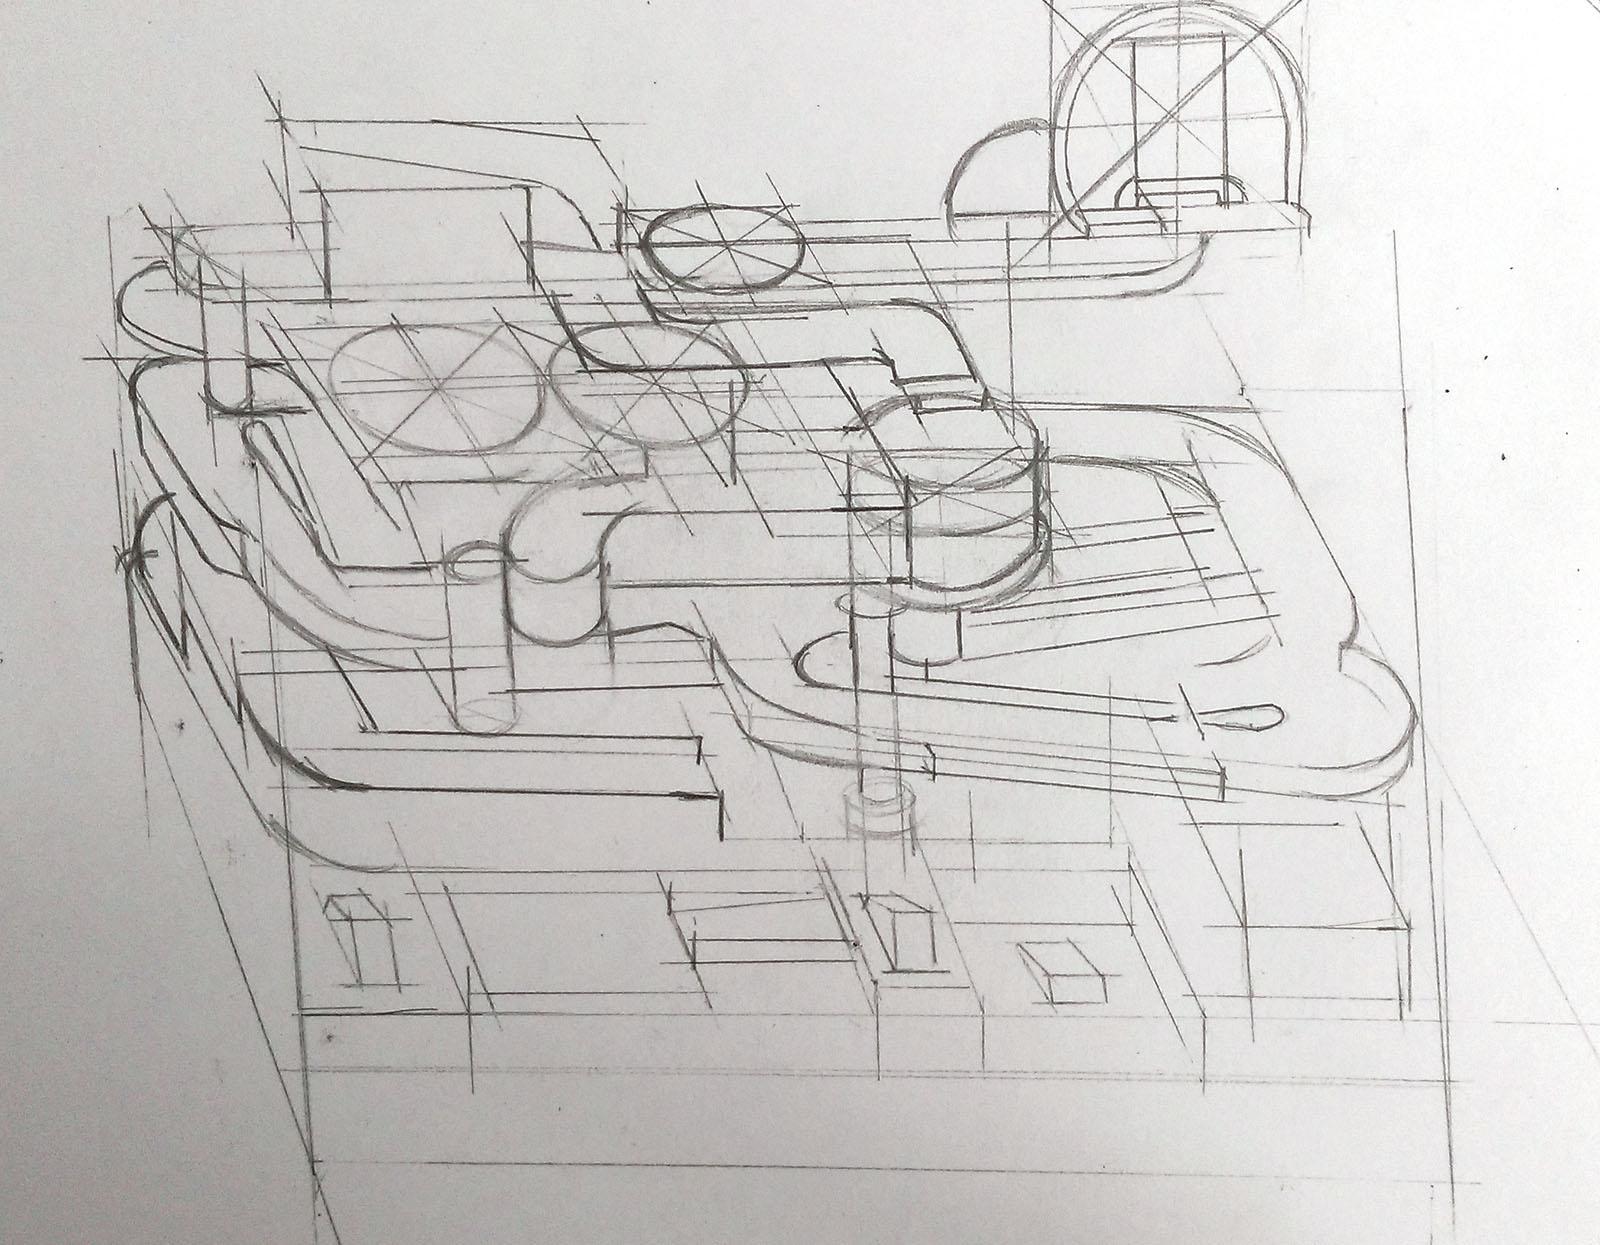 草稿階段 -- 儘量透過觀察,理解迷宮每一層的結構。